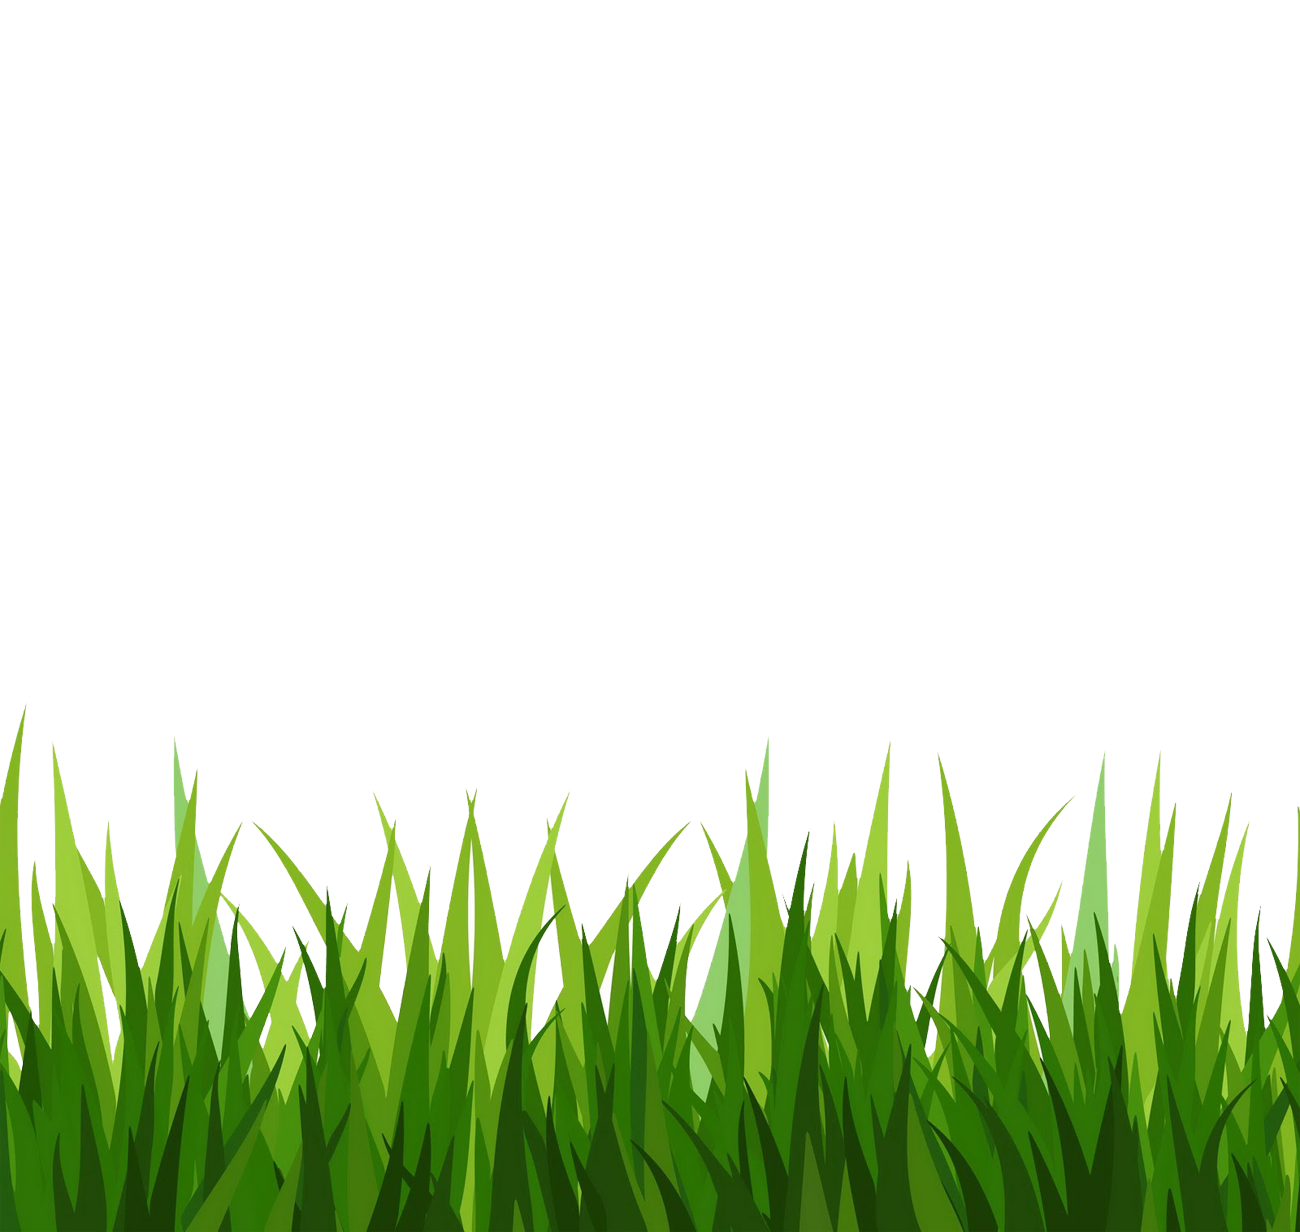 Grass outline